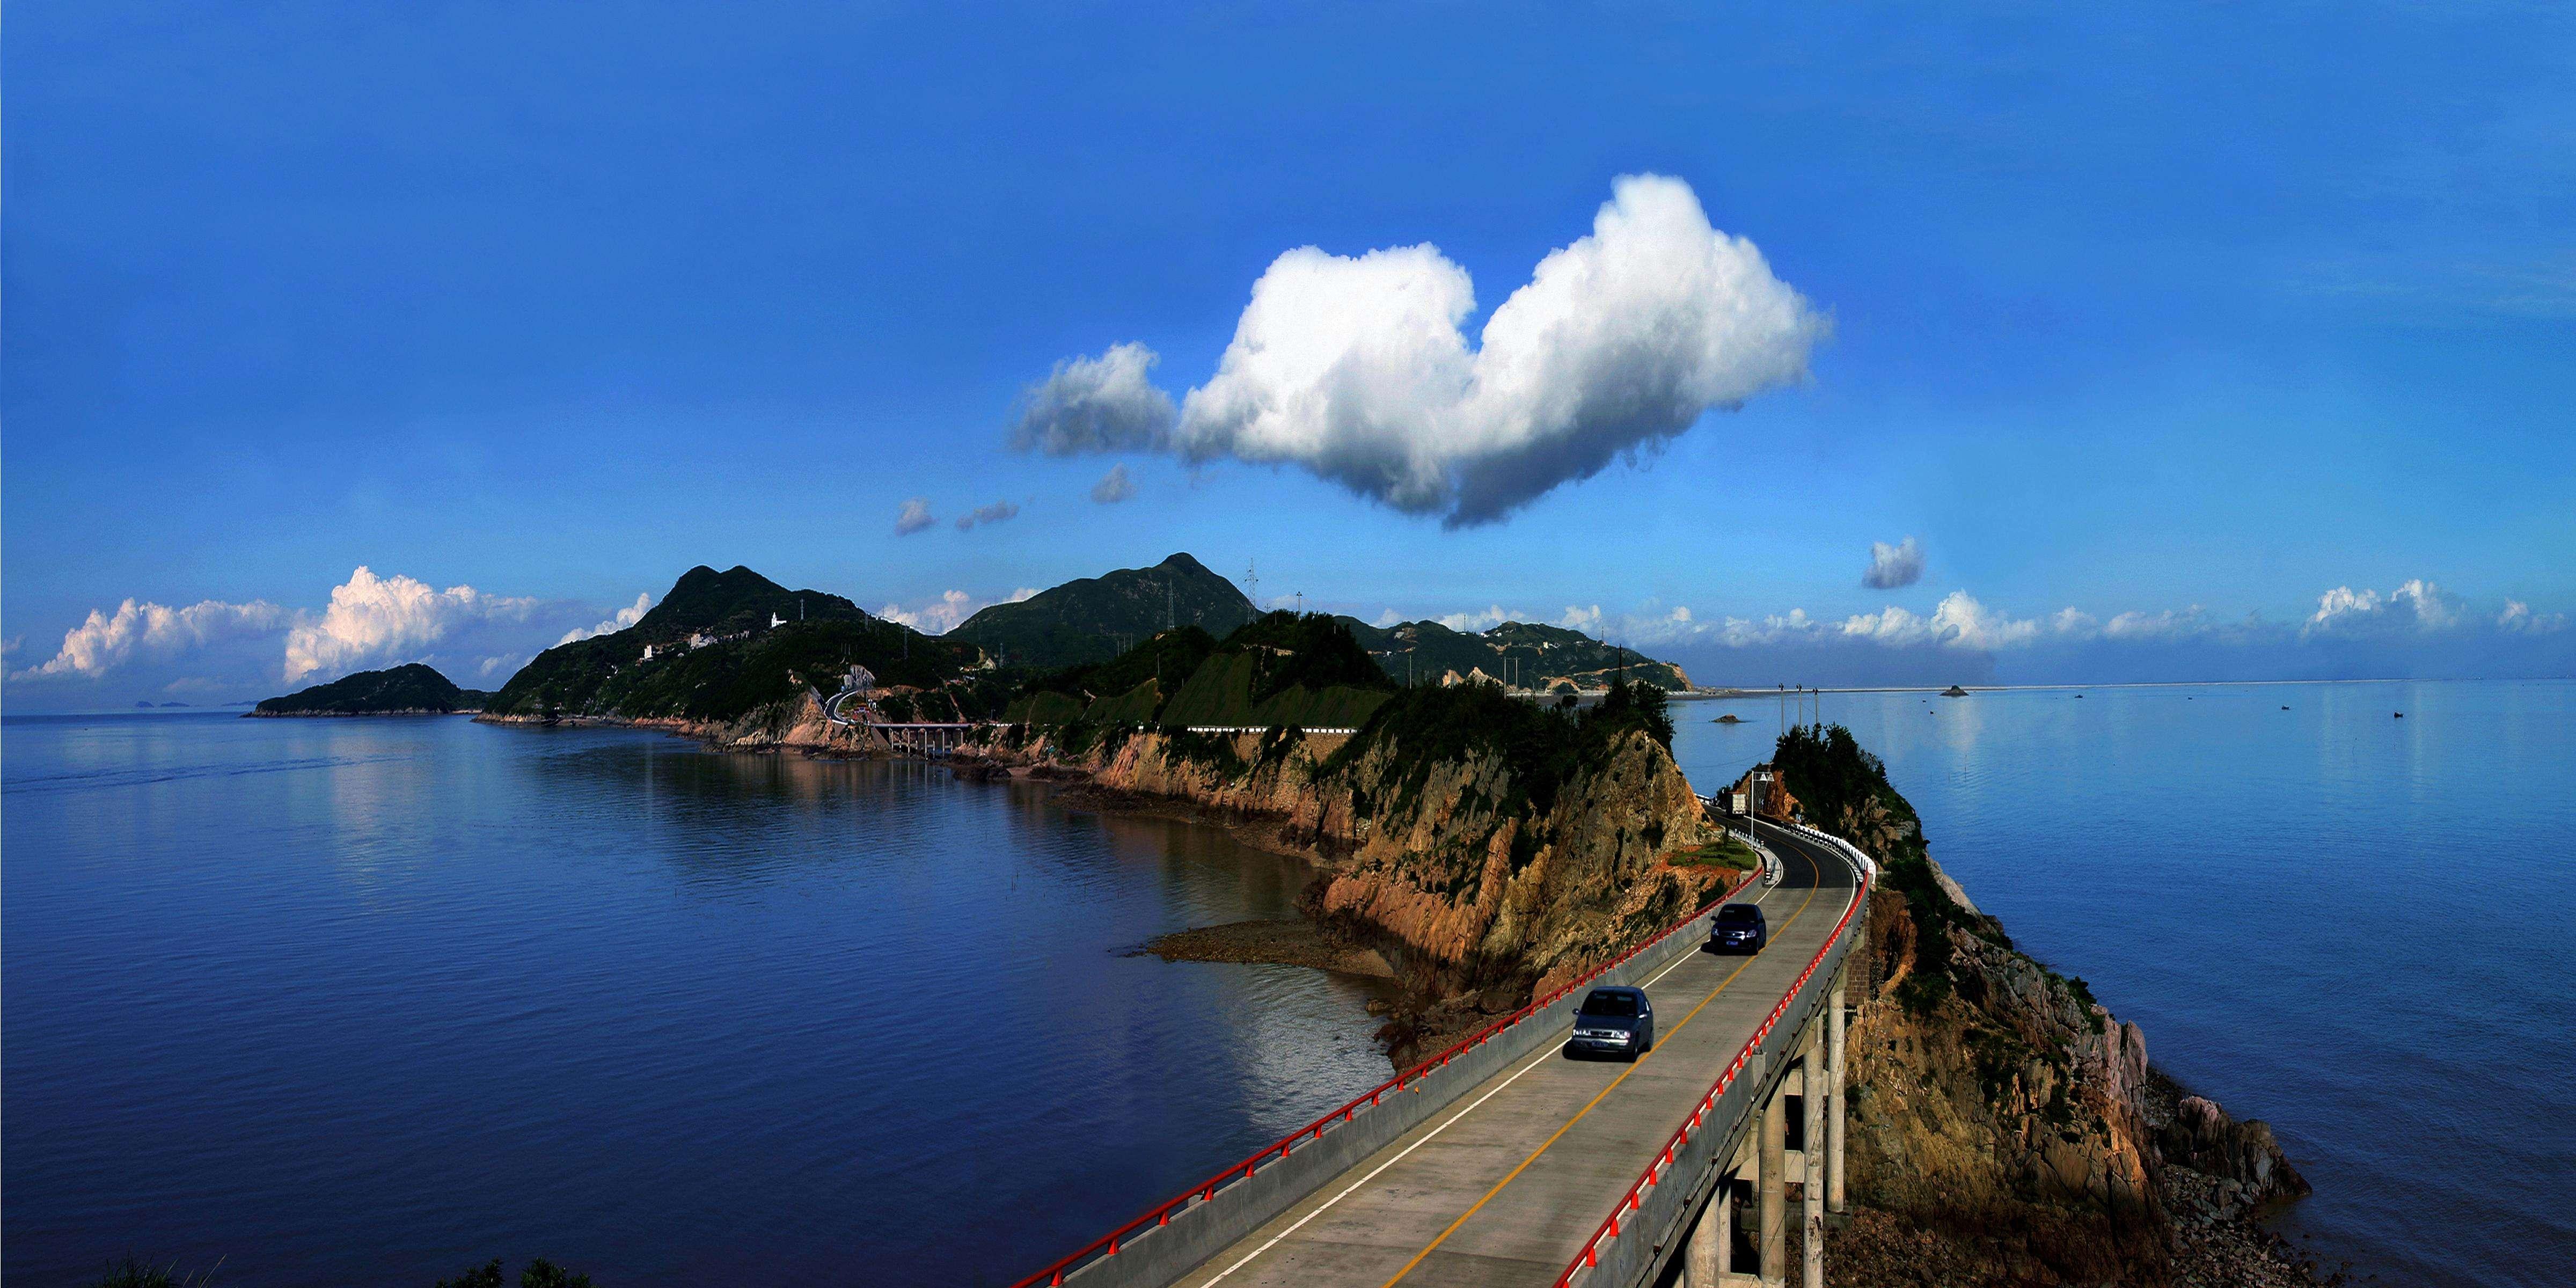 两岸同胞情 温州离台湾只有半座山的距离